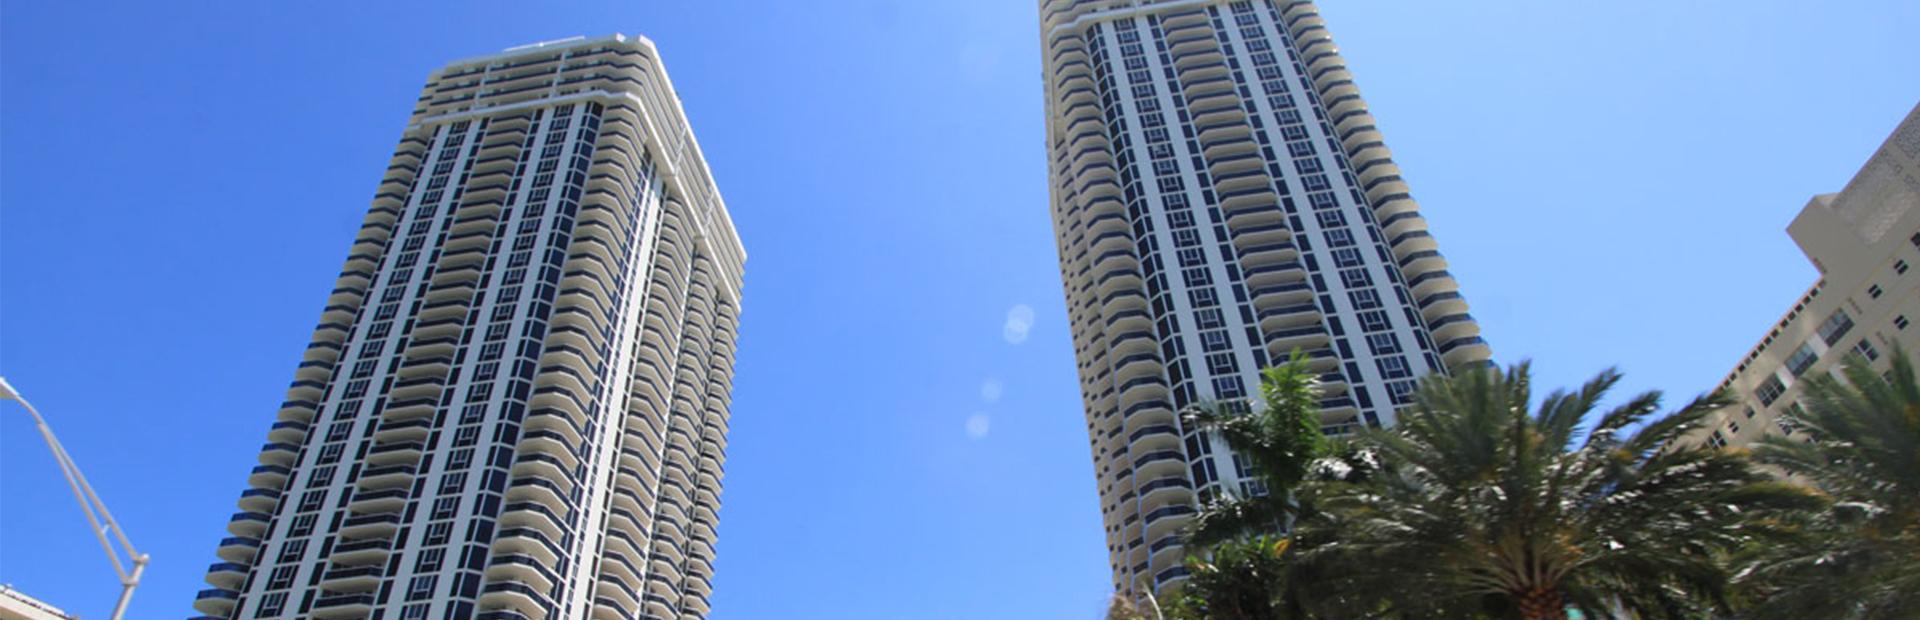 Blue & Green Diamond Towers Miami Beach